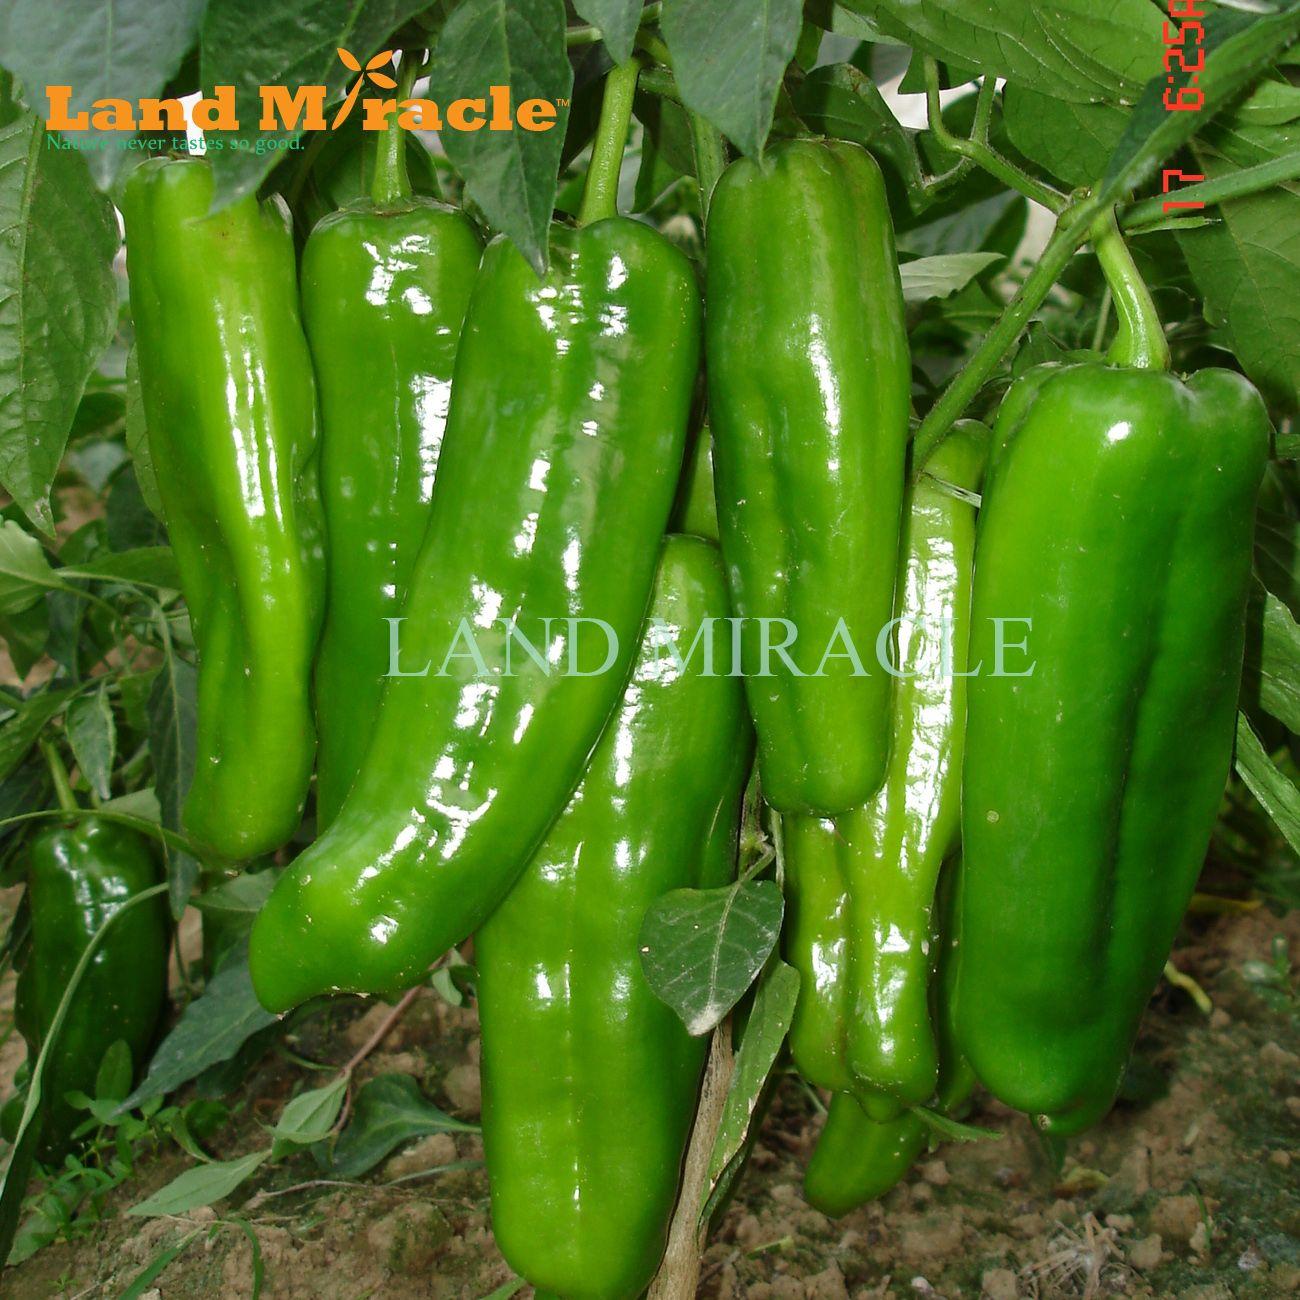 Semillas de pimienta de la piel verde gigante, 100 semillas, semillas de chile caliente de vegetales saludables deliciosas para la planta de jardín